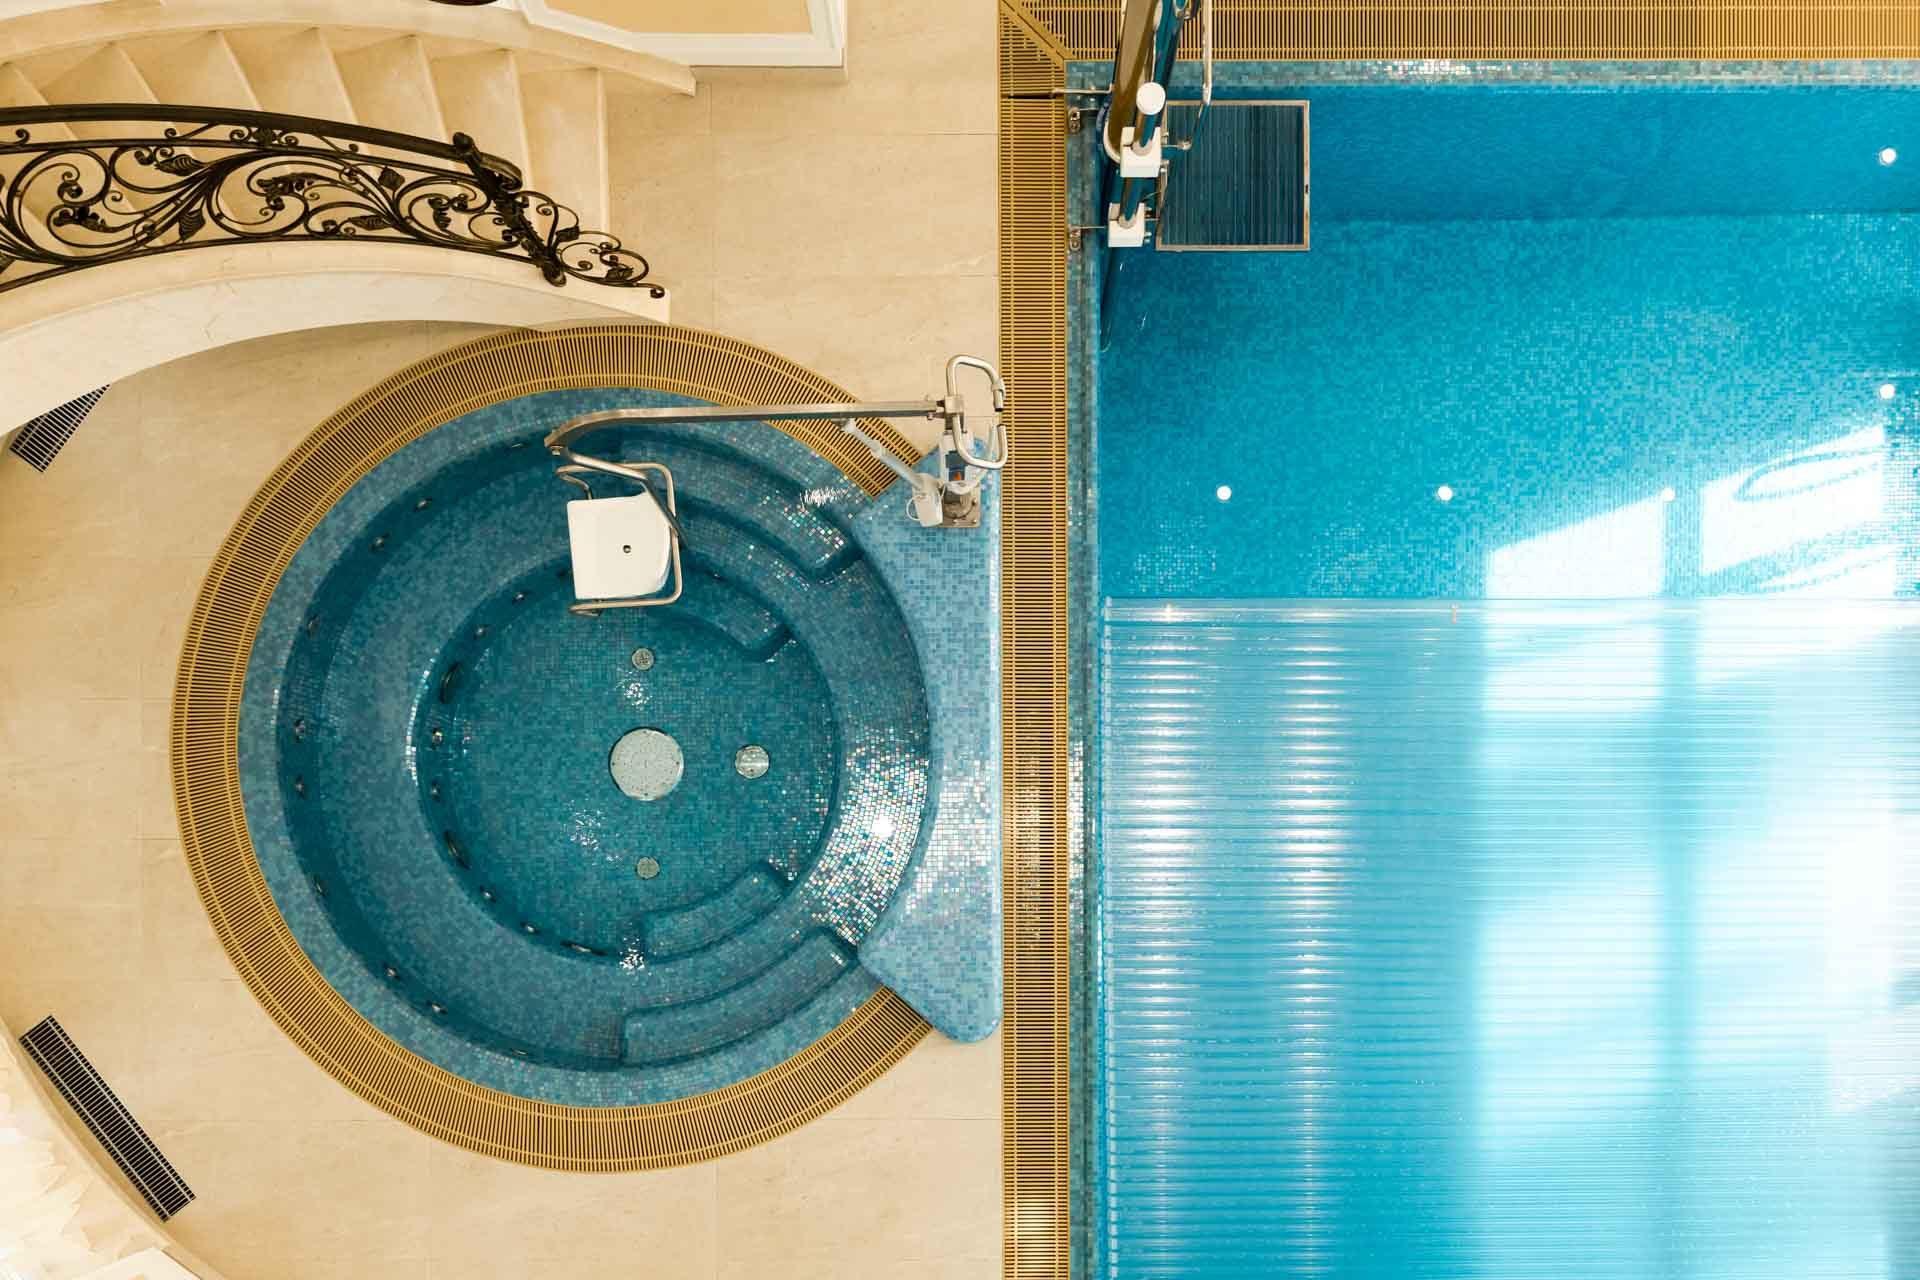 Инклюзивный частный бассейн с гидромассажной ванной Allpools